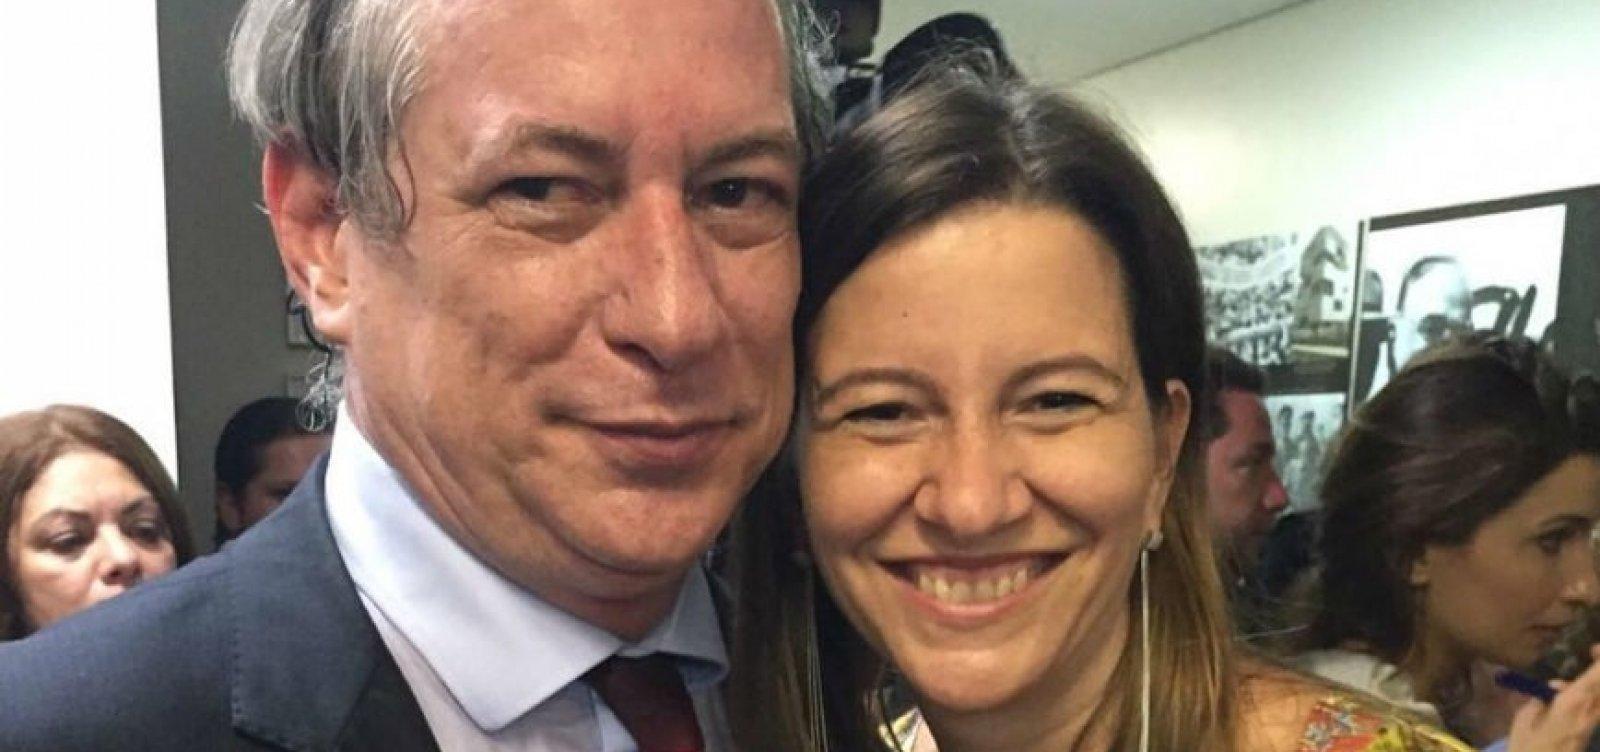 Tribunal rejeita candidatura de irmã de Ciro Gomes